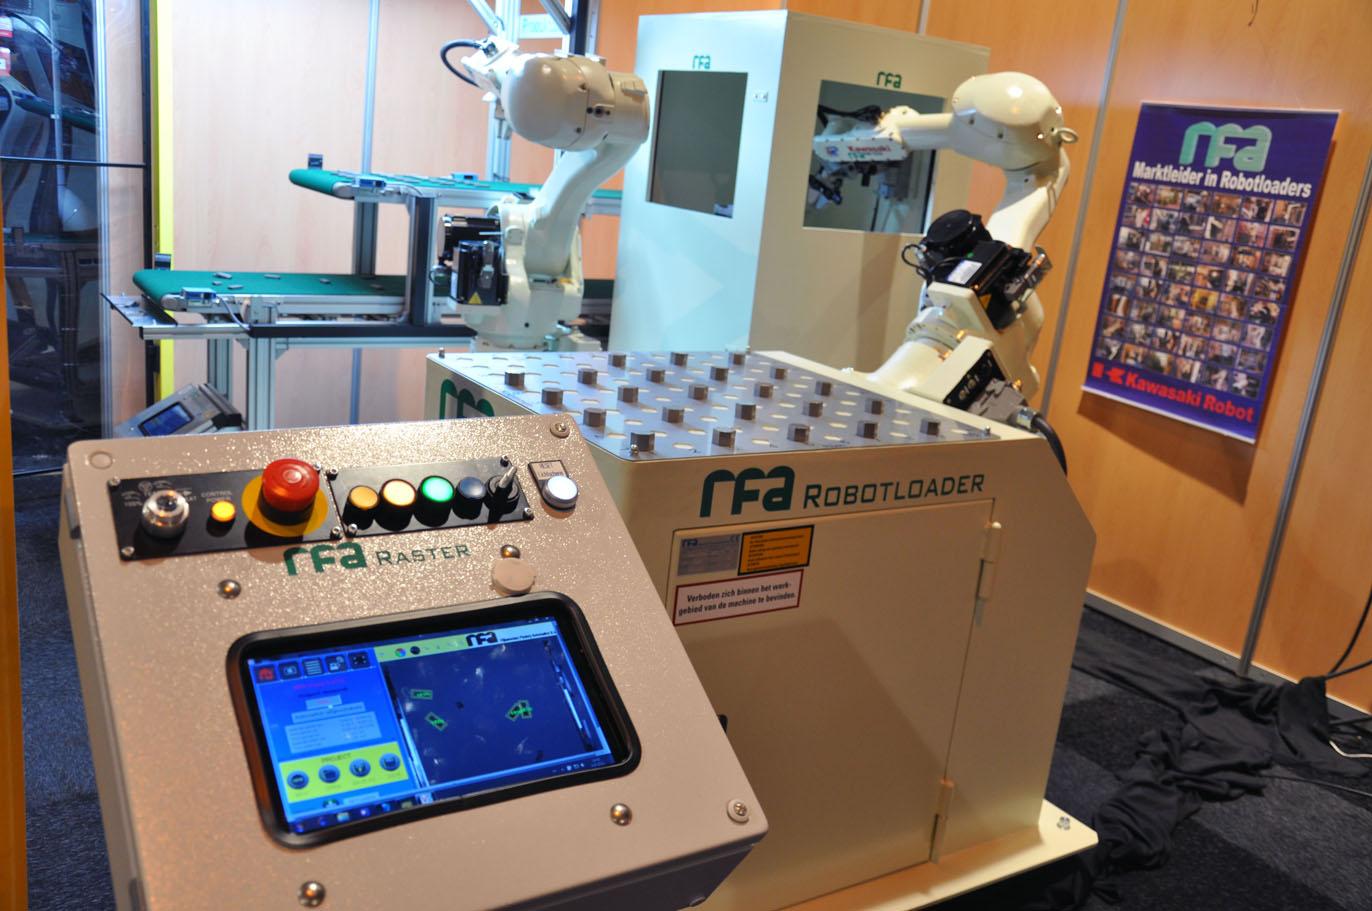 RFA ontwikkelt Robotloader voor draaicel